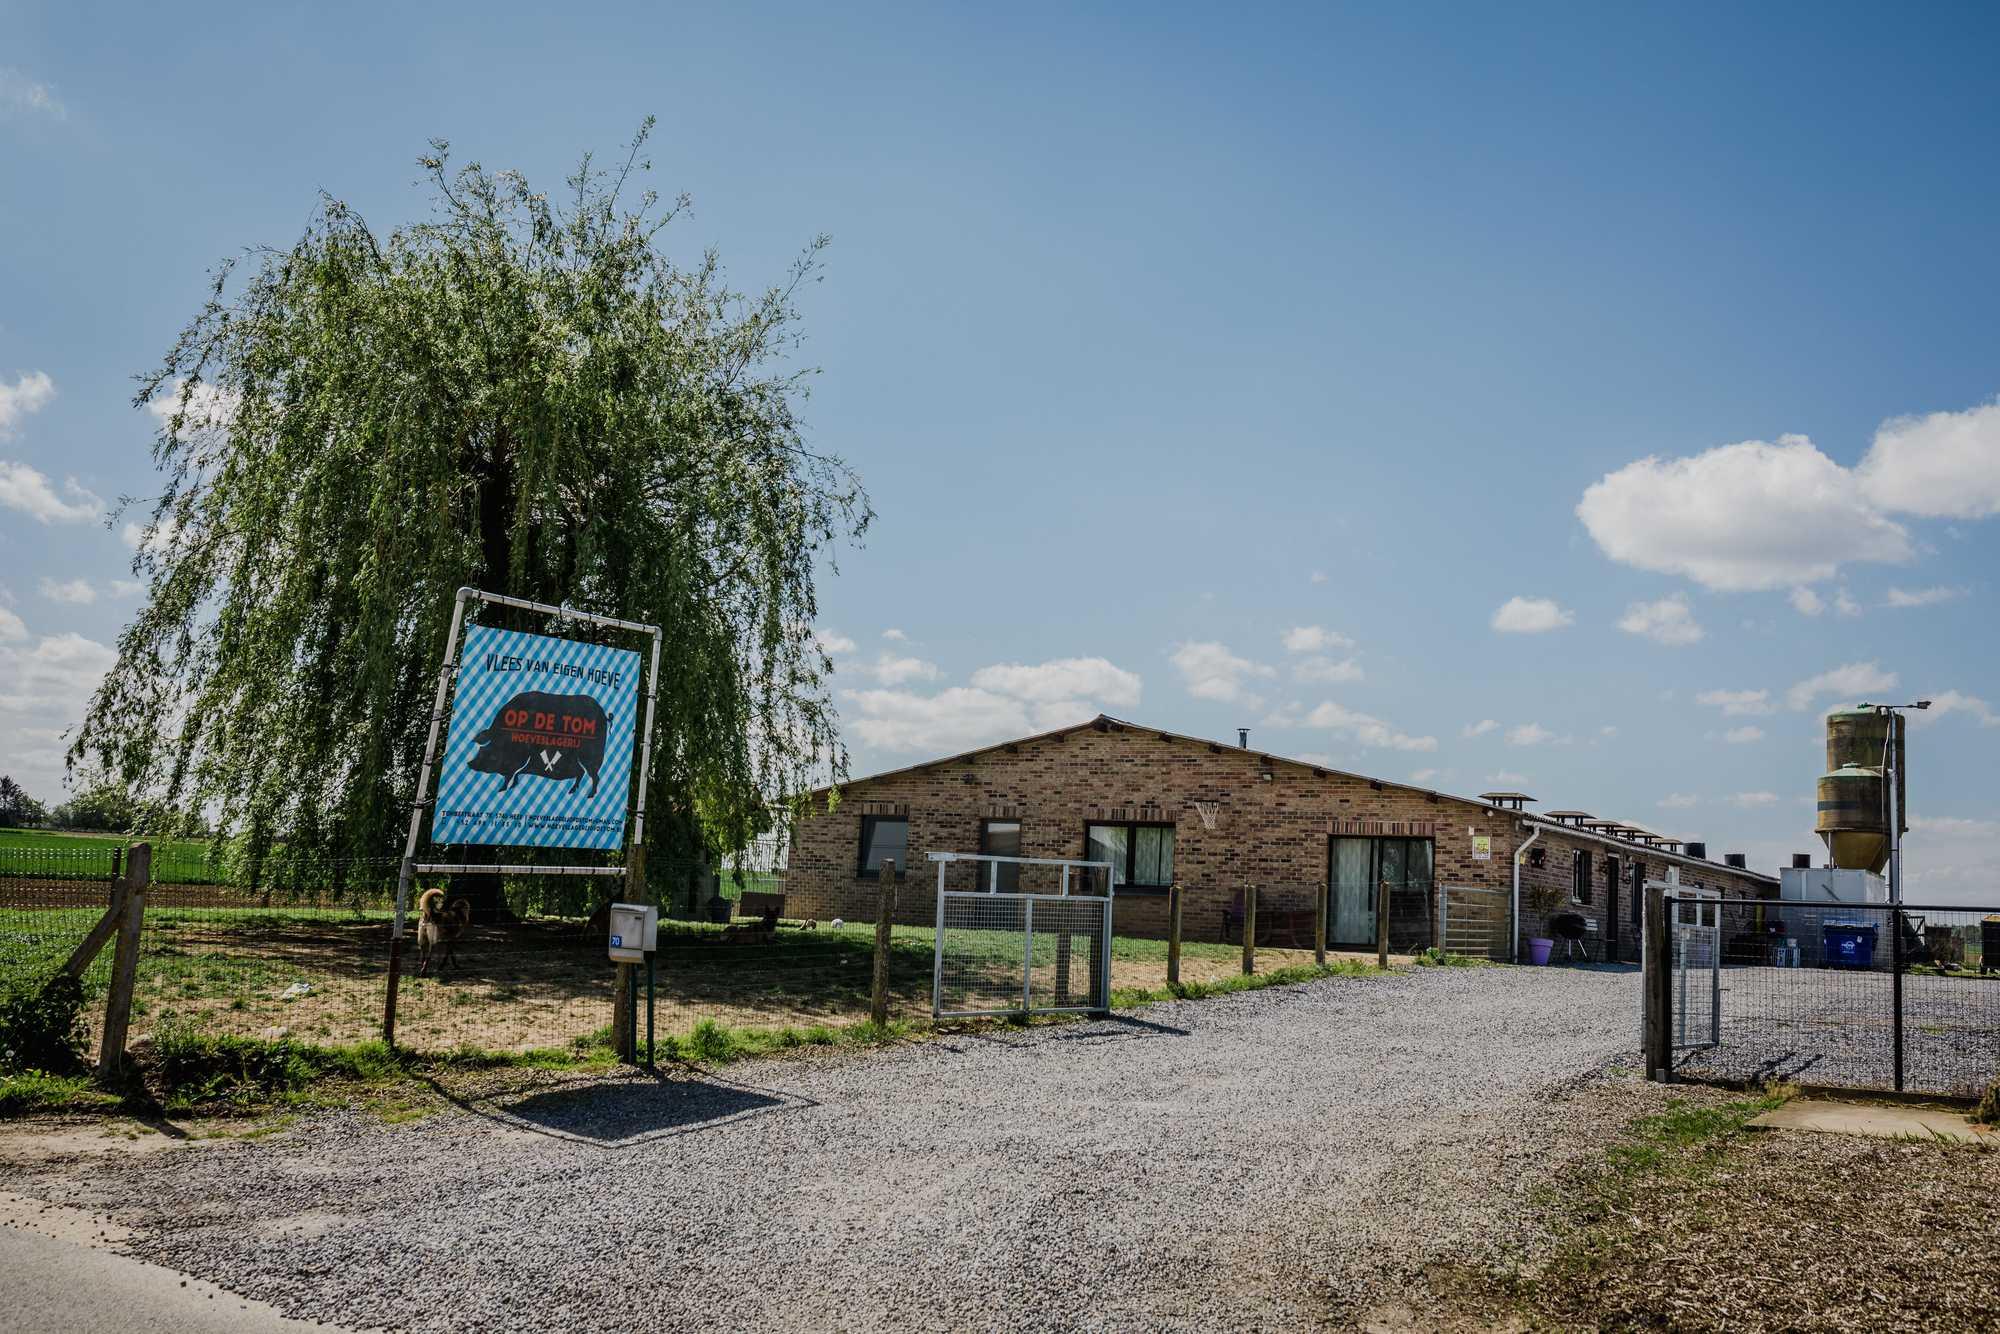 Het verhaal van hoeveslagerij Op de Tom in Hees